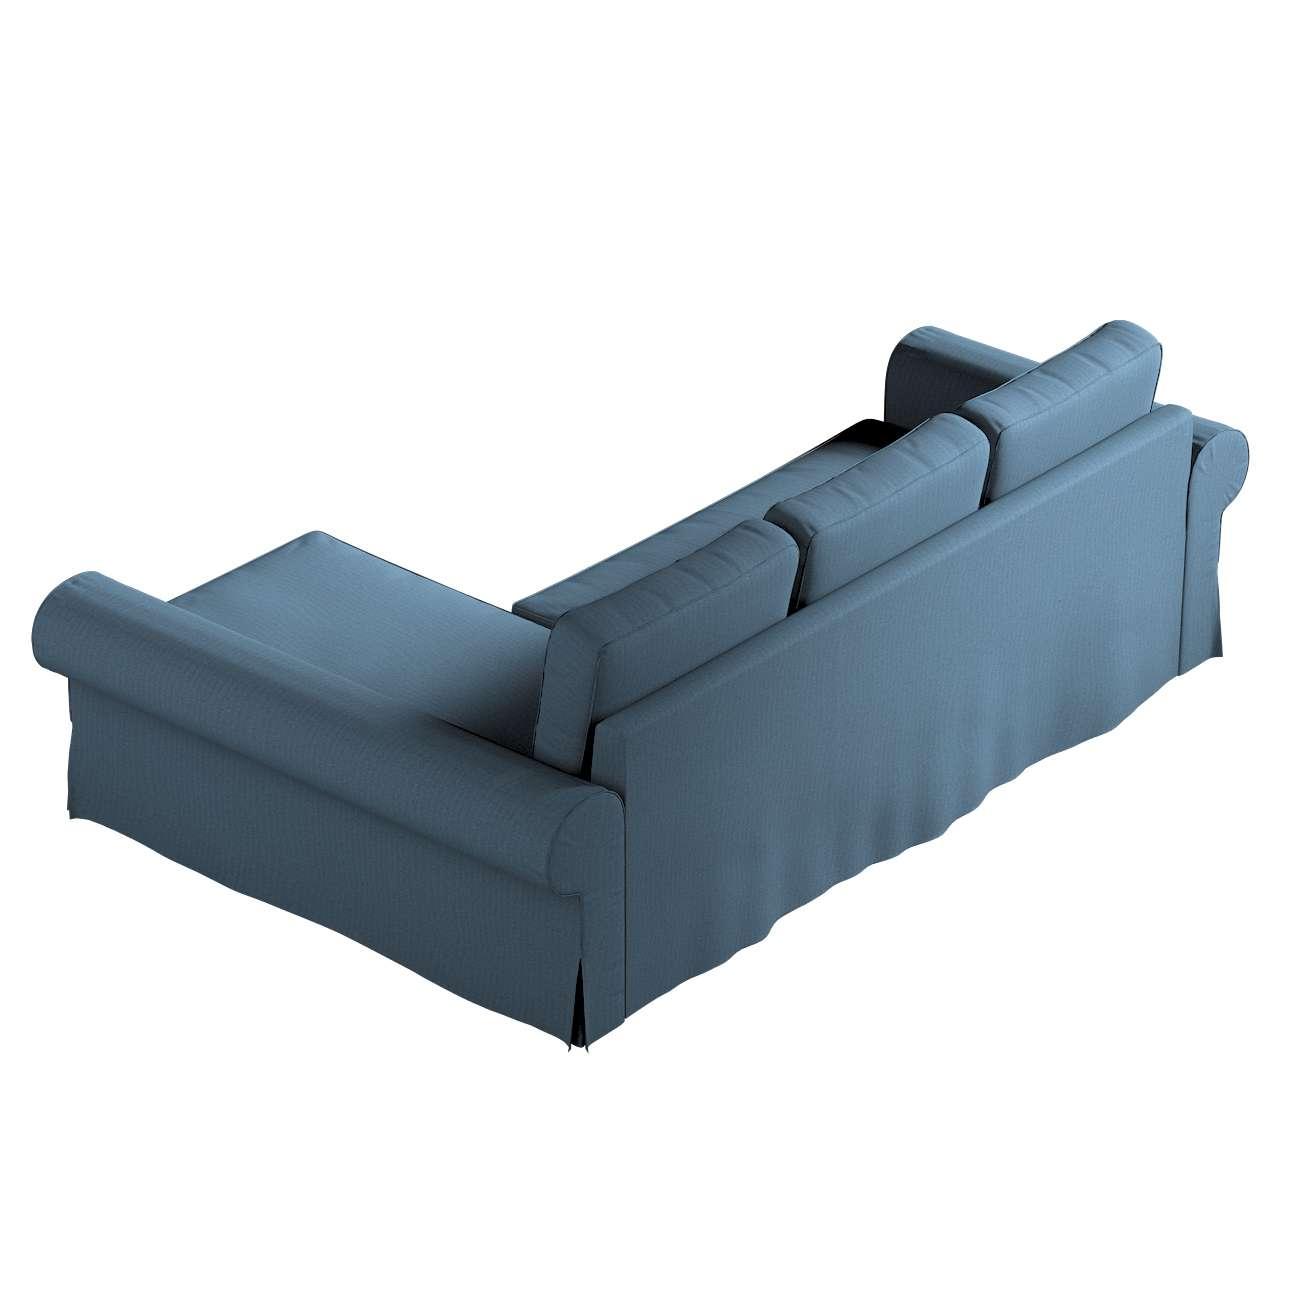 Pokrowiec na sofę Backabro rozkładaną z leżanką w kolekcji Etna, tkanina: 705-30